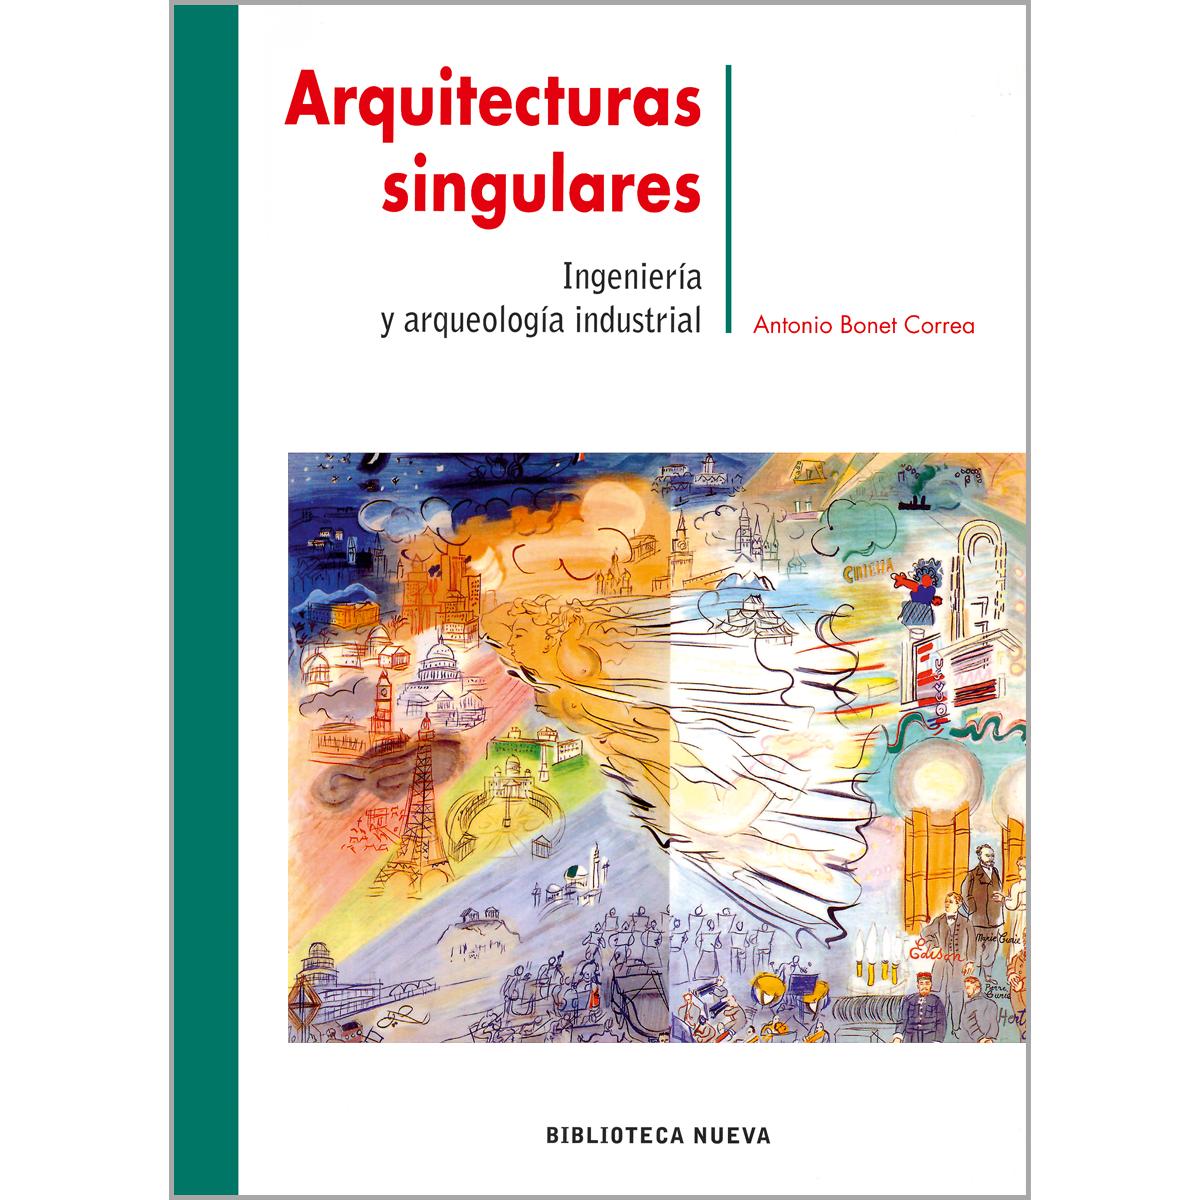 Arquitecturas singulares